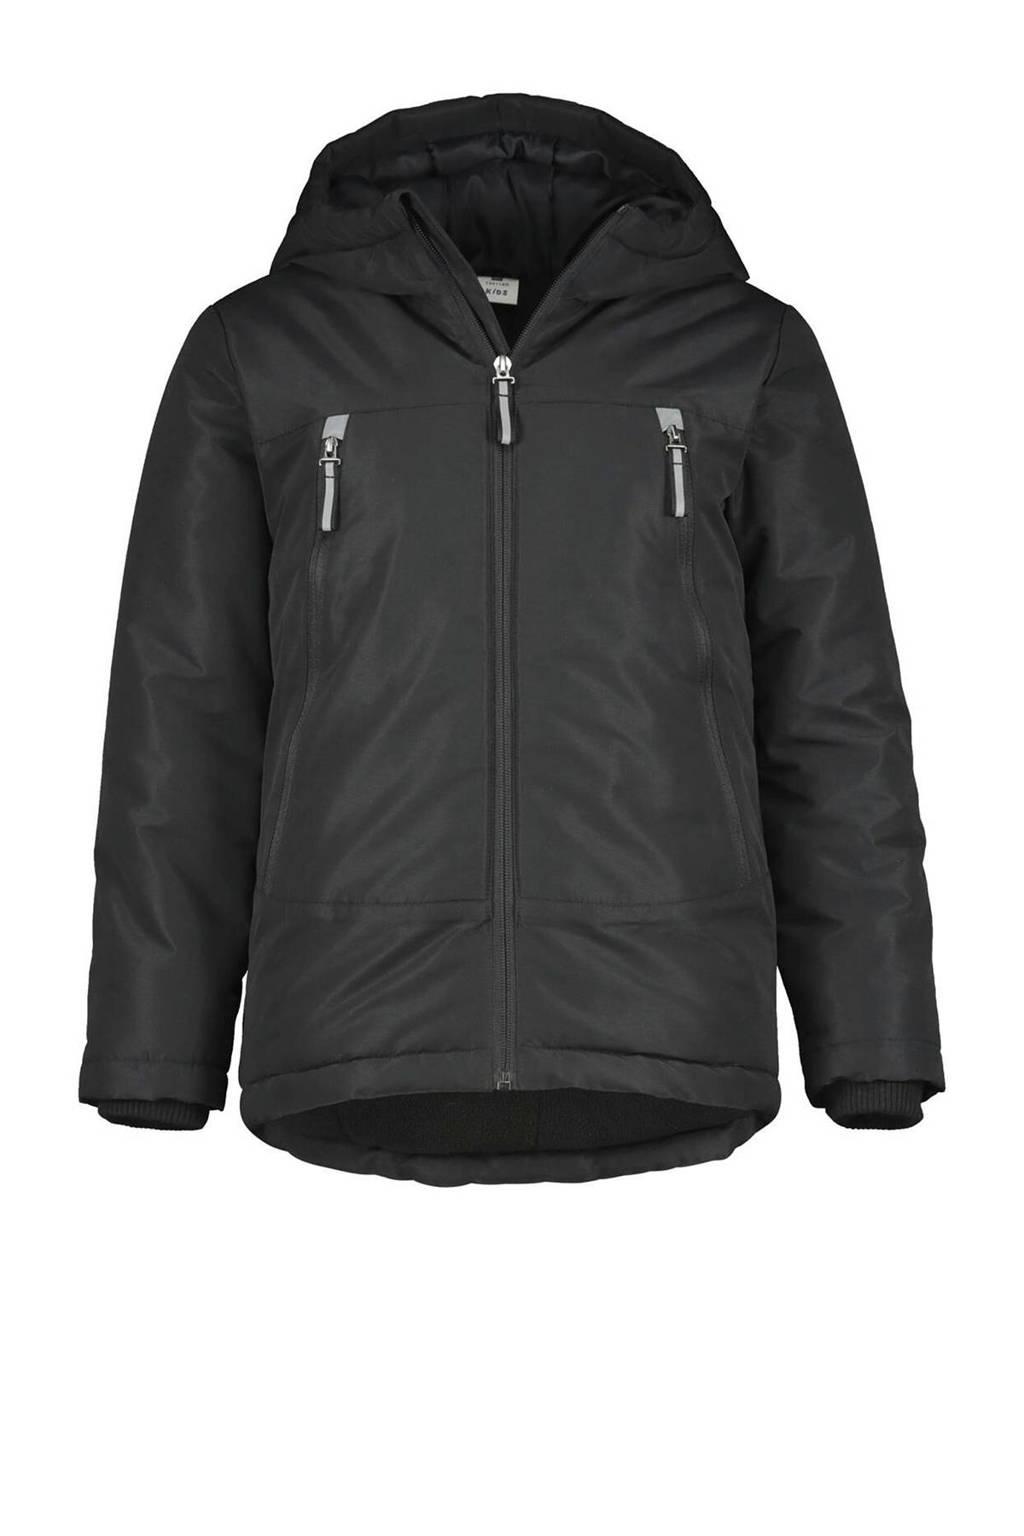 HEMA gewatteerde jas zwart, Zwart